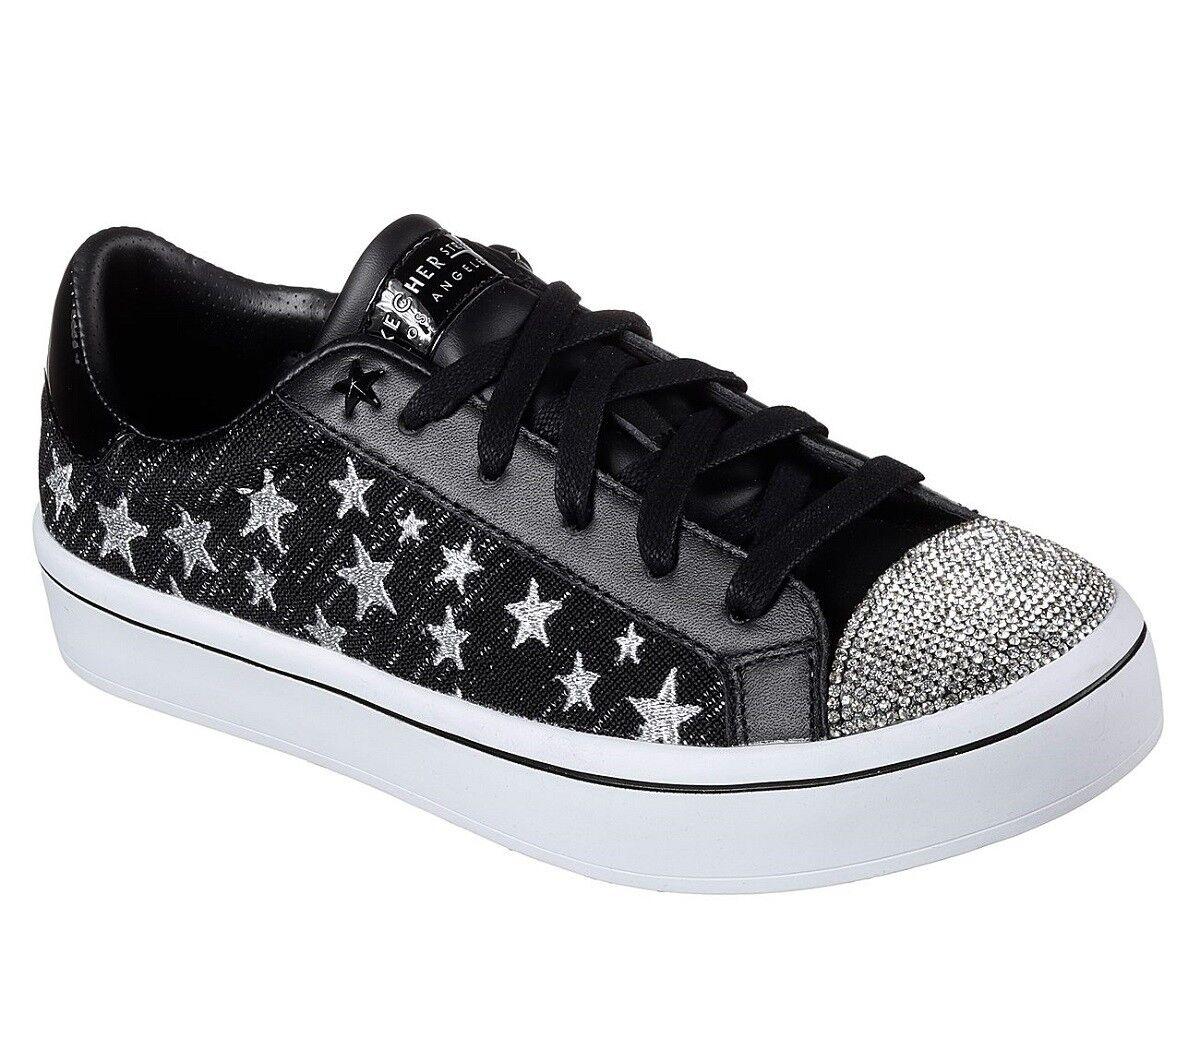 Skechers Plata Metálico Estrellas Pedrería starlicious starlicious starlicious Negro Zapatillas WMS 8 Nuevo con etiquetas  tienda en linea